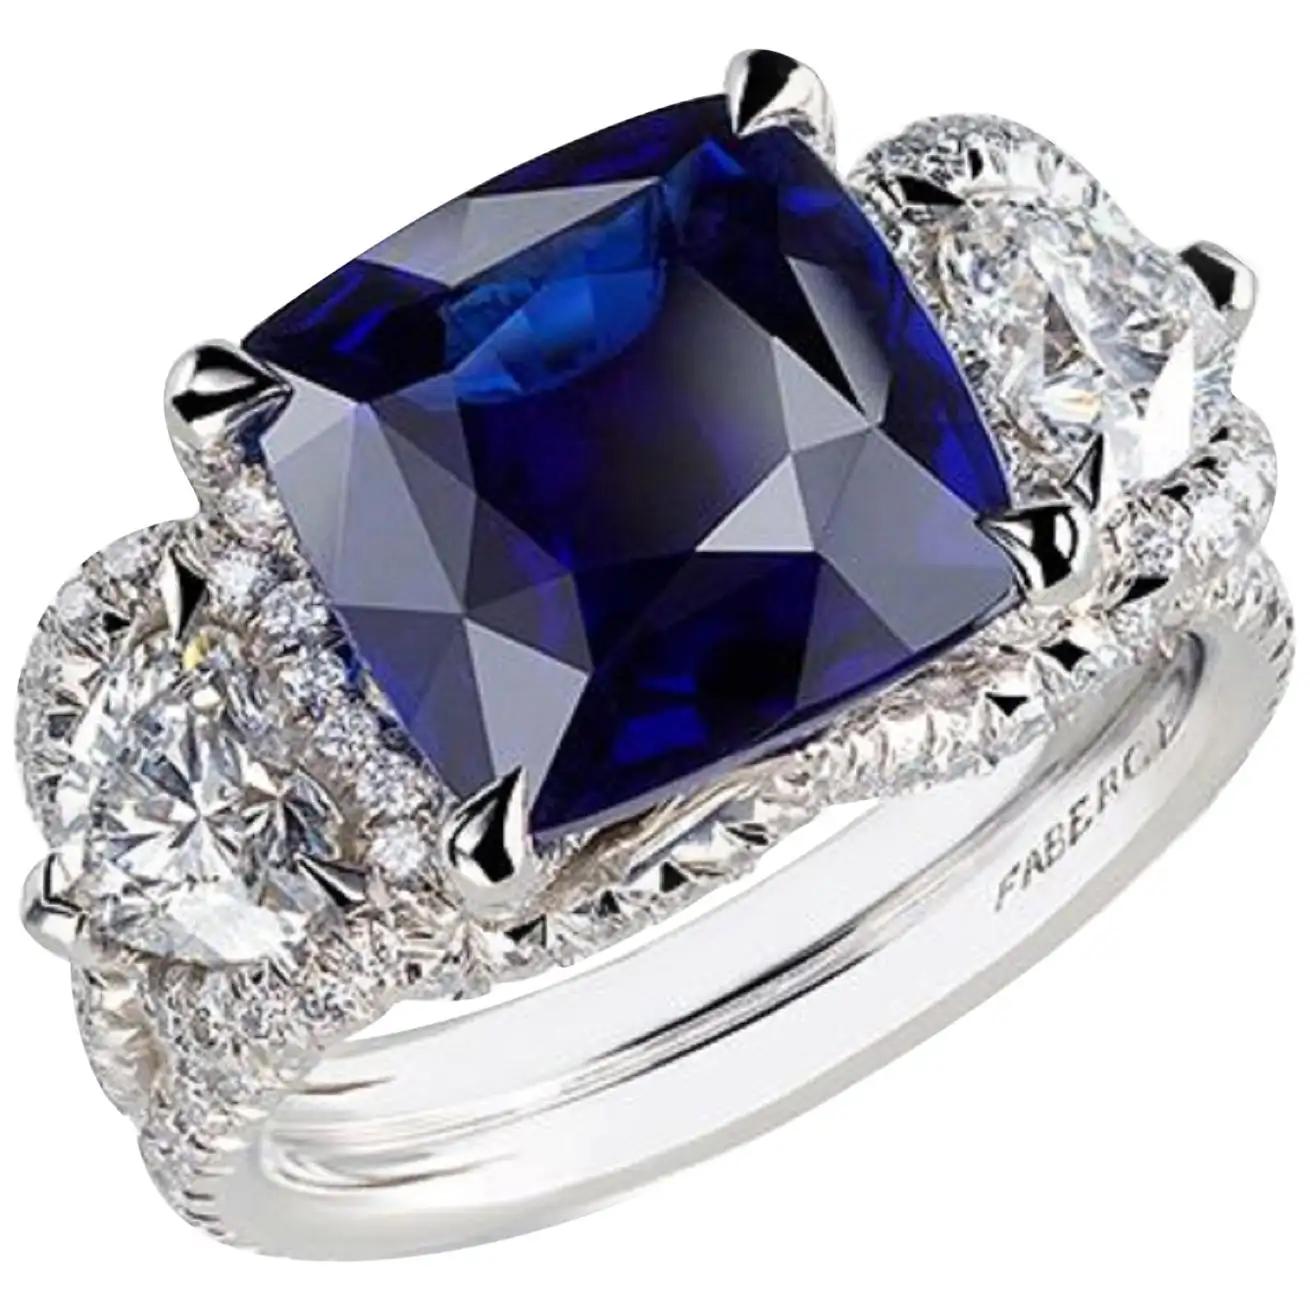 Best massive bling rings 2021 Glittering Diamonds with Vibrant Sapphire Gem Stone Ring